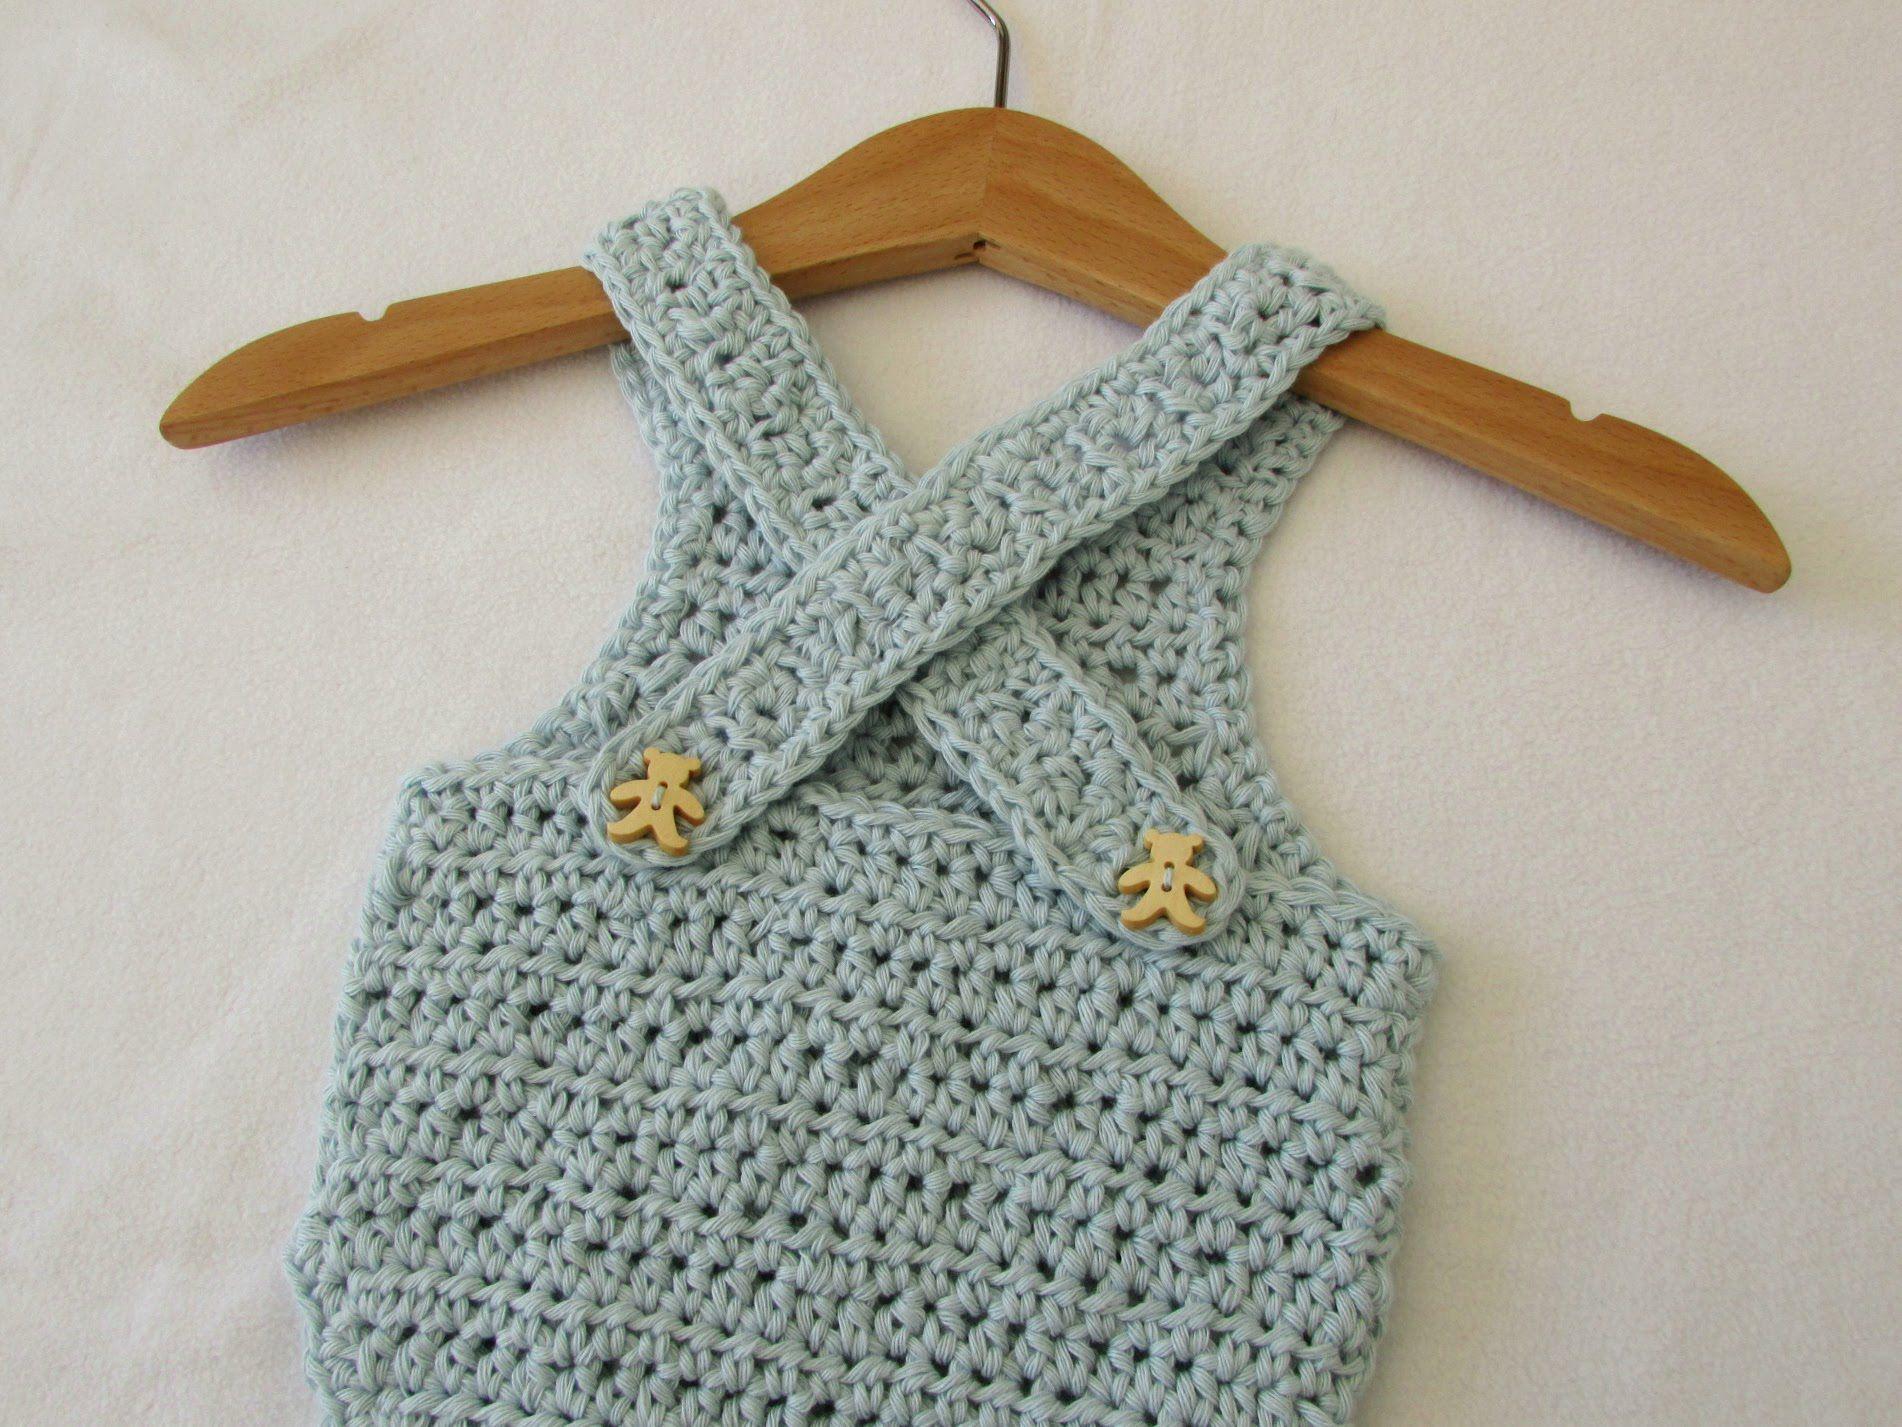 VERY EASY crochet cross back baby romper / onesie tutorial - video ...